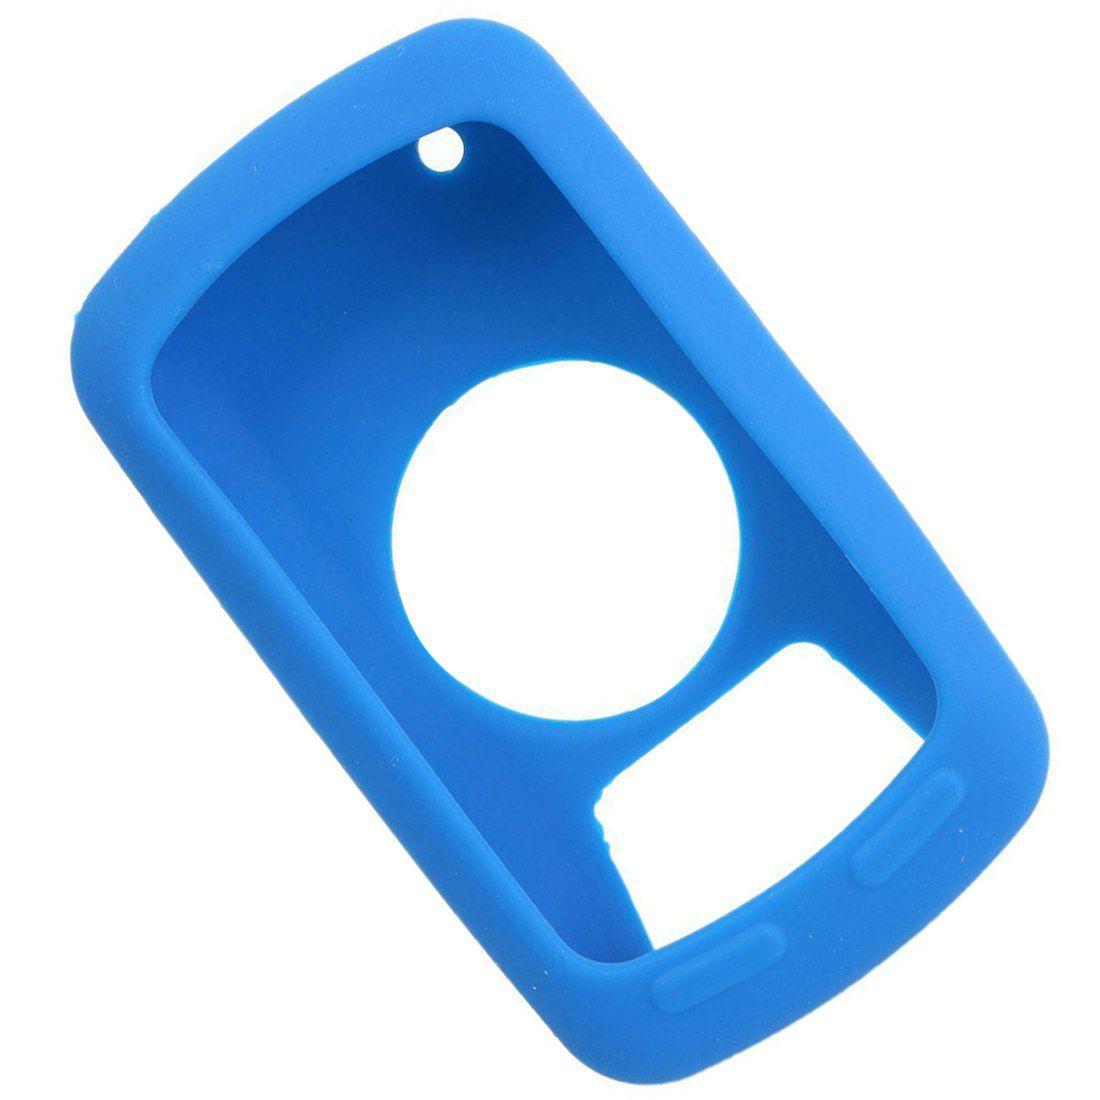 Garmin Capa de Silicone Edge 800 e 810 Azul 010-10644-05